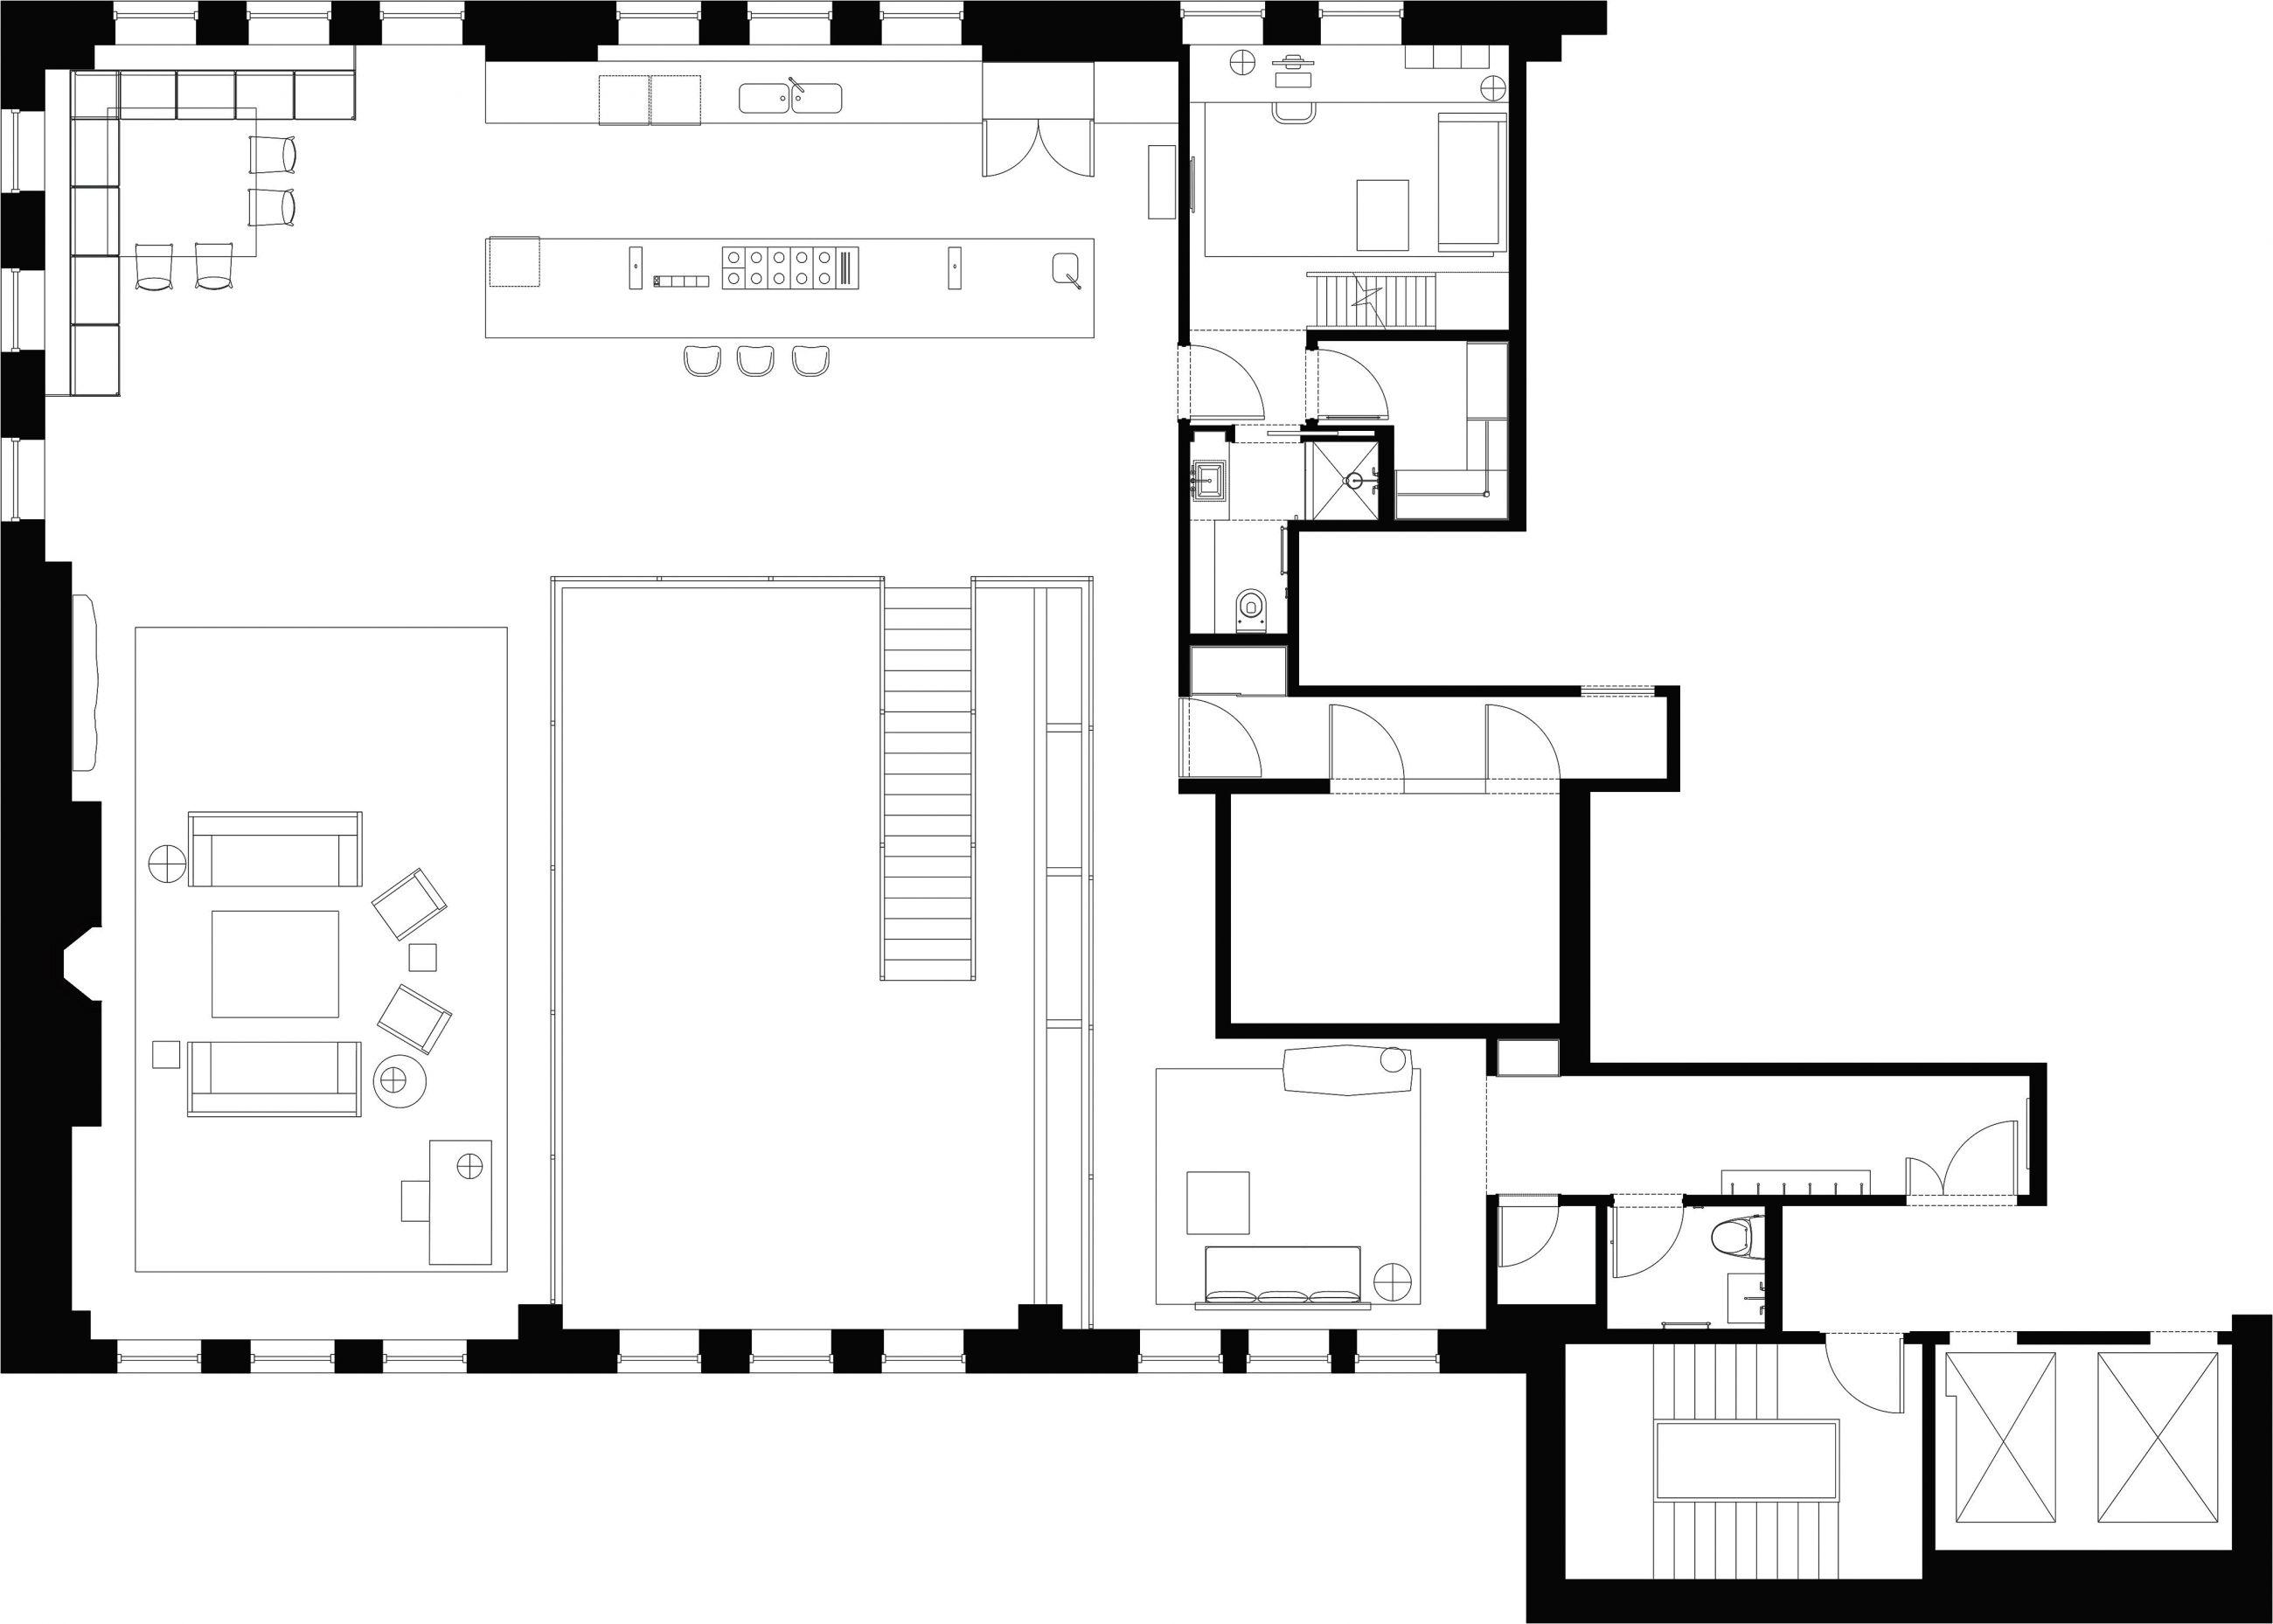 Chelsea Loft 2nd Floor Plan